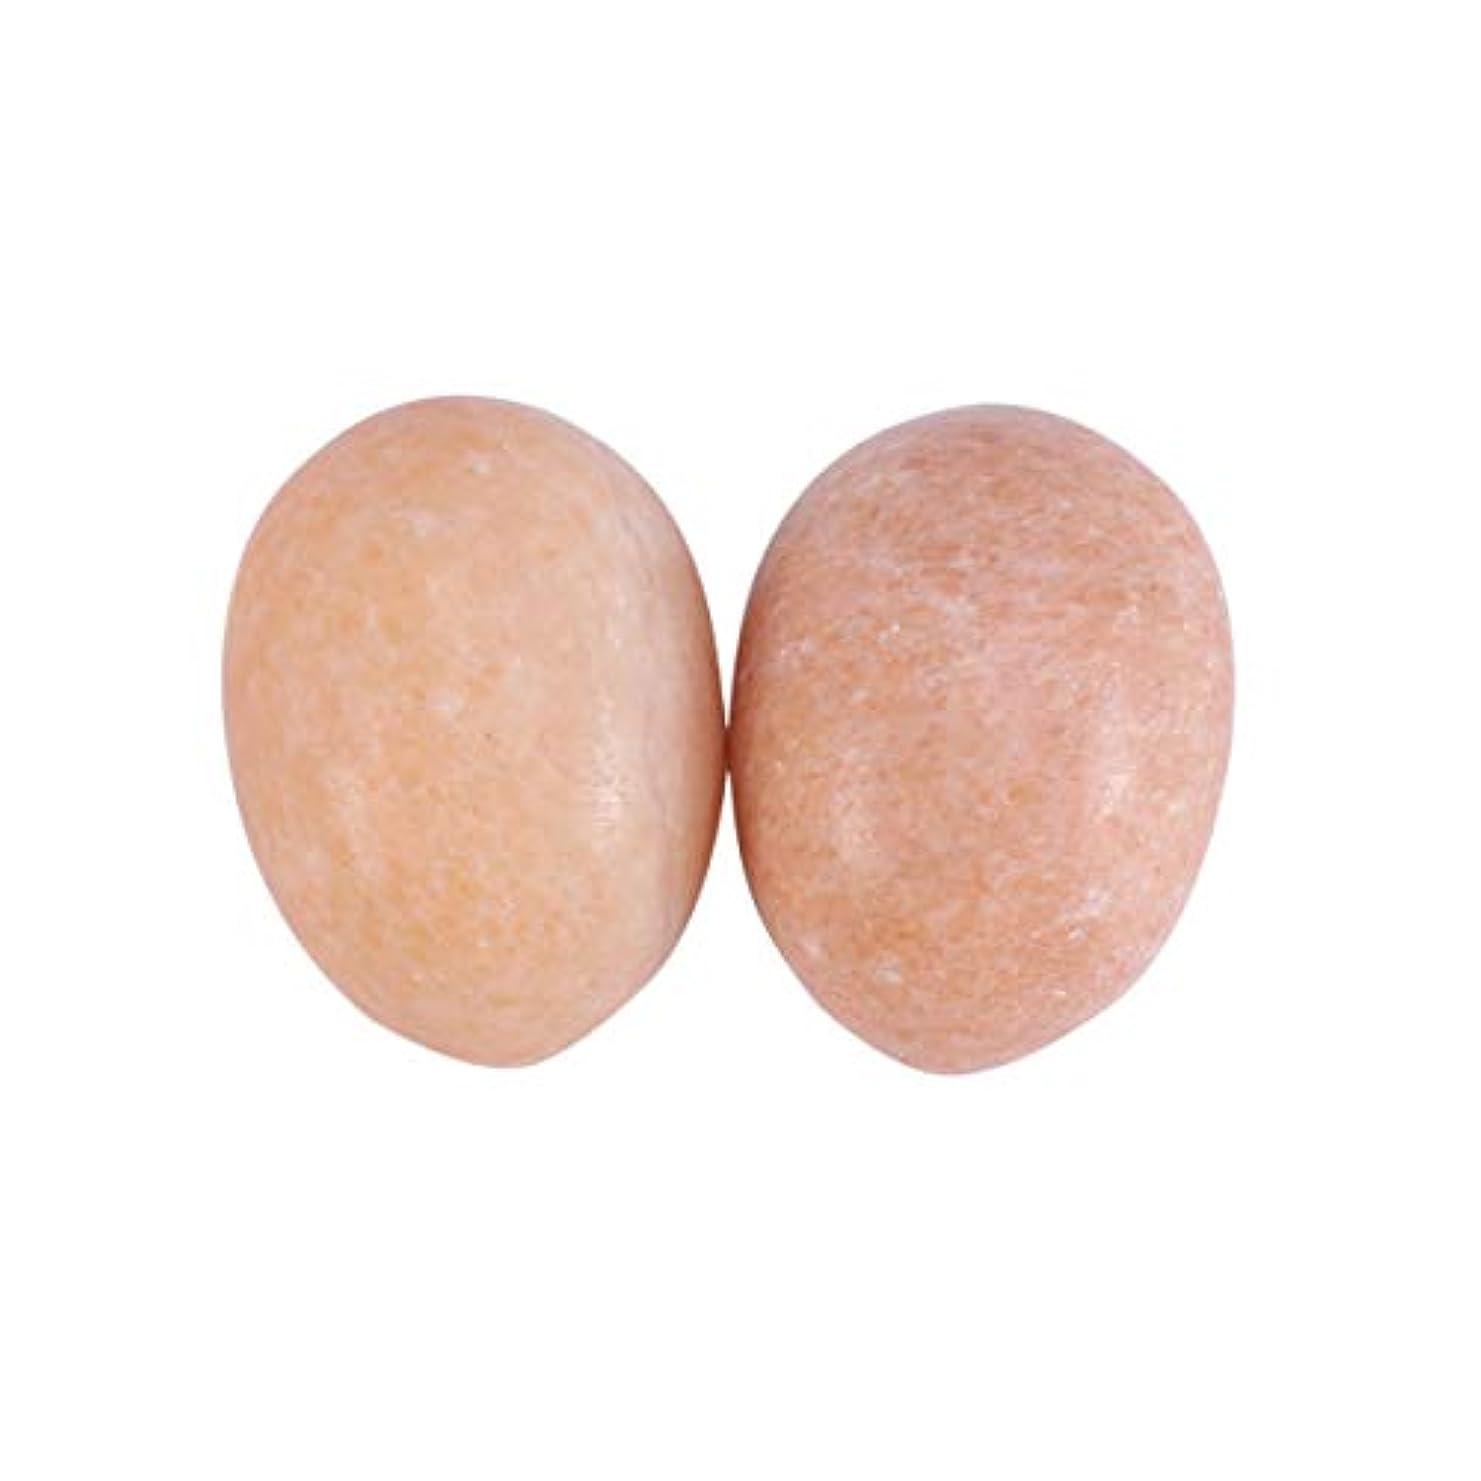 ロマンチックバンカーシールHealifty 妊娠中の女性のためのマッサージボール6個玉ヨニ卵骨盤底筋マッサージ運動膣締め付けボールヘルスケア(サンセットレッド)